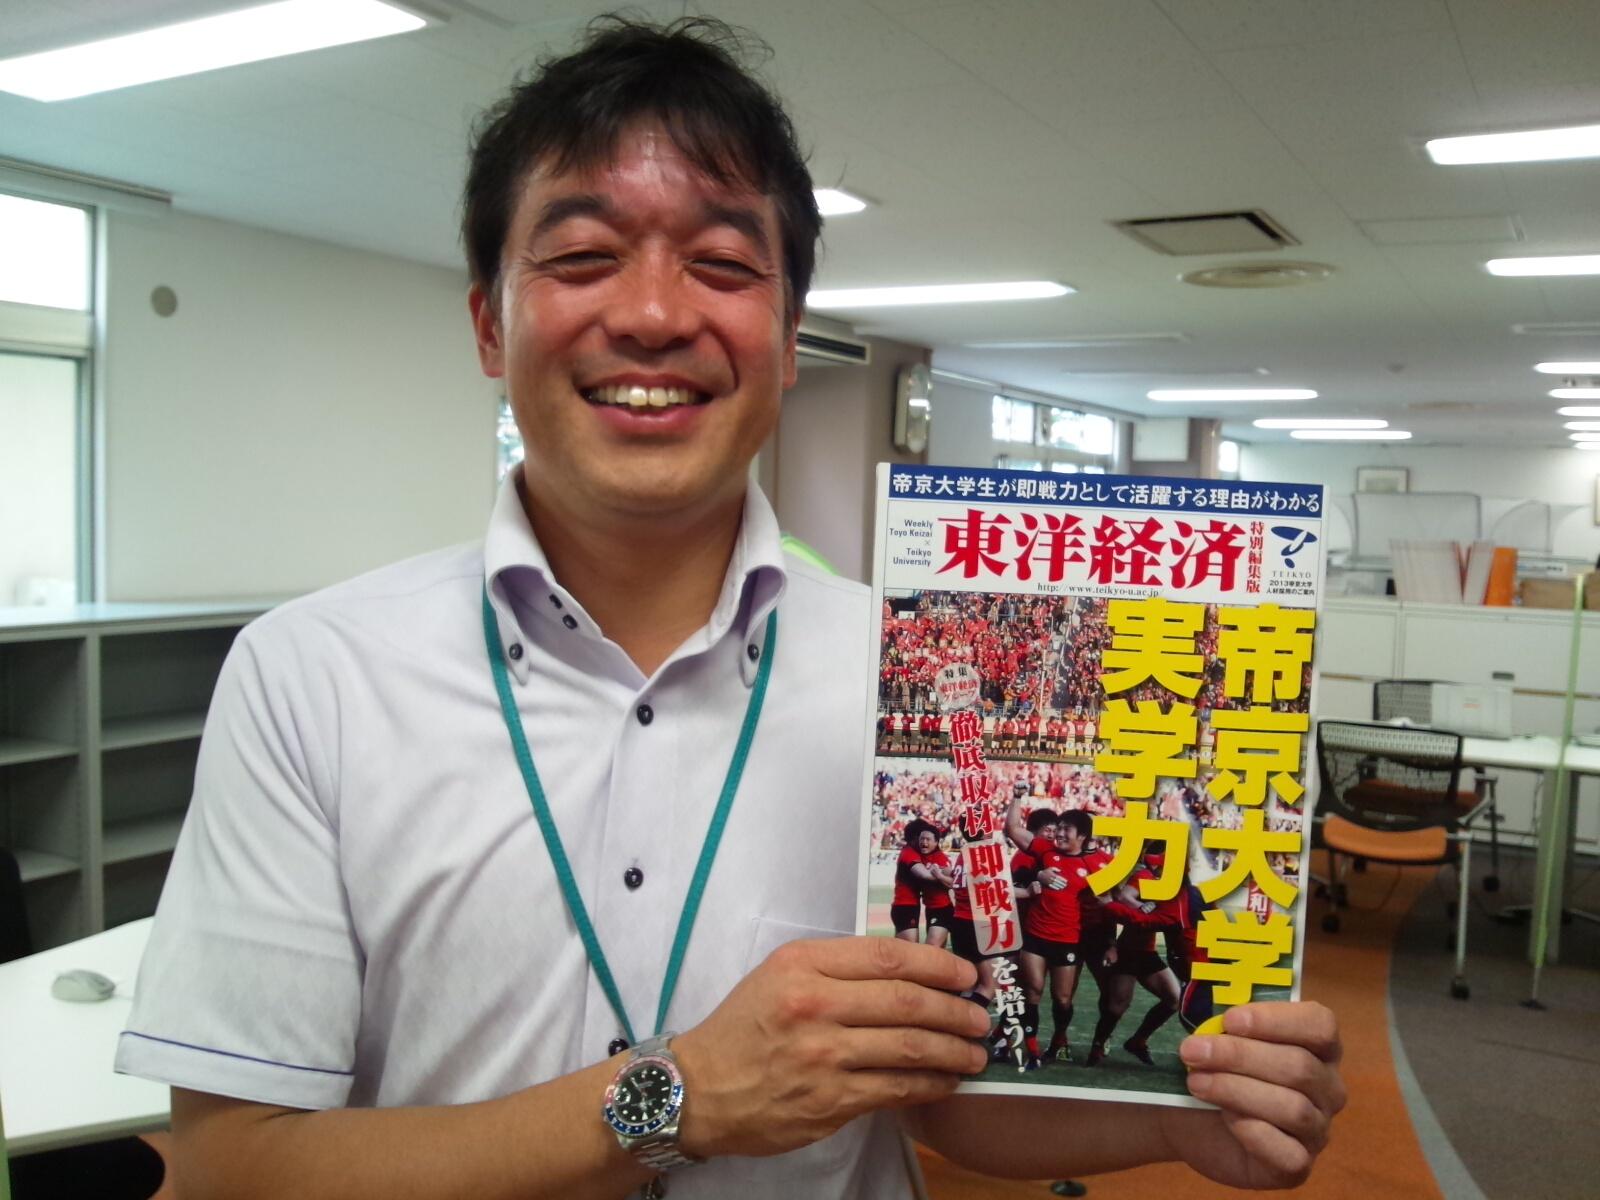 帝京大学 キャリアサポートセンター 田口 仁 センター長 インタビュー_f0138645_6285840.jpg